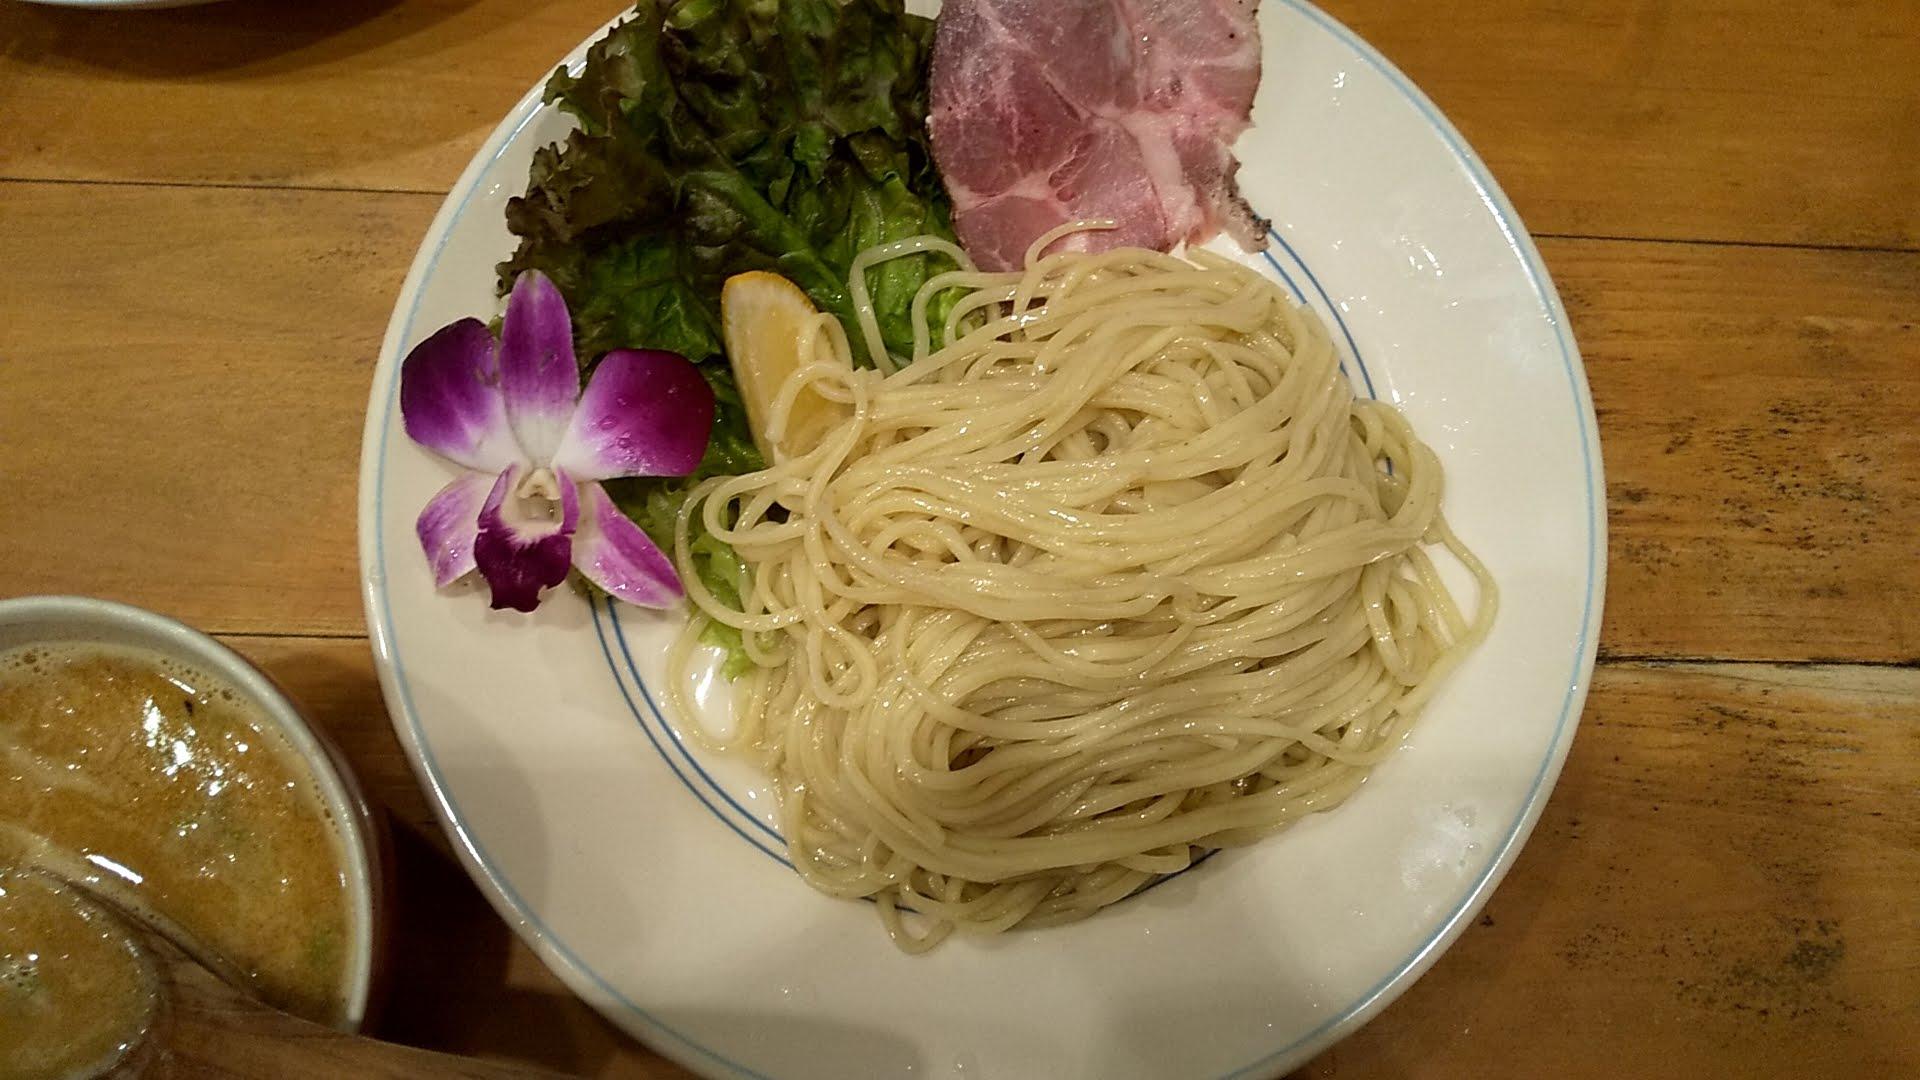 Hulu-luのつけ麺の麺皿